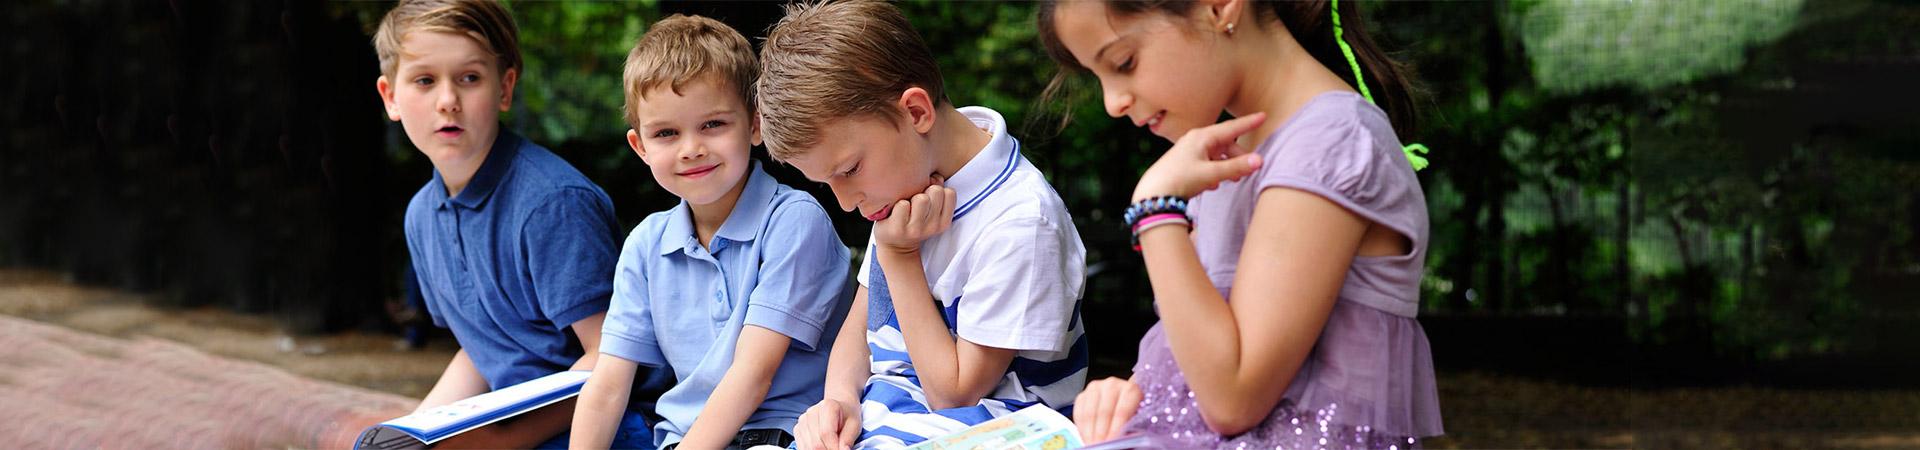 Английский язык для школьников в Новосибирске